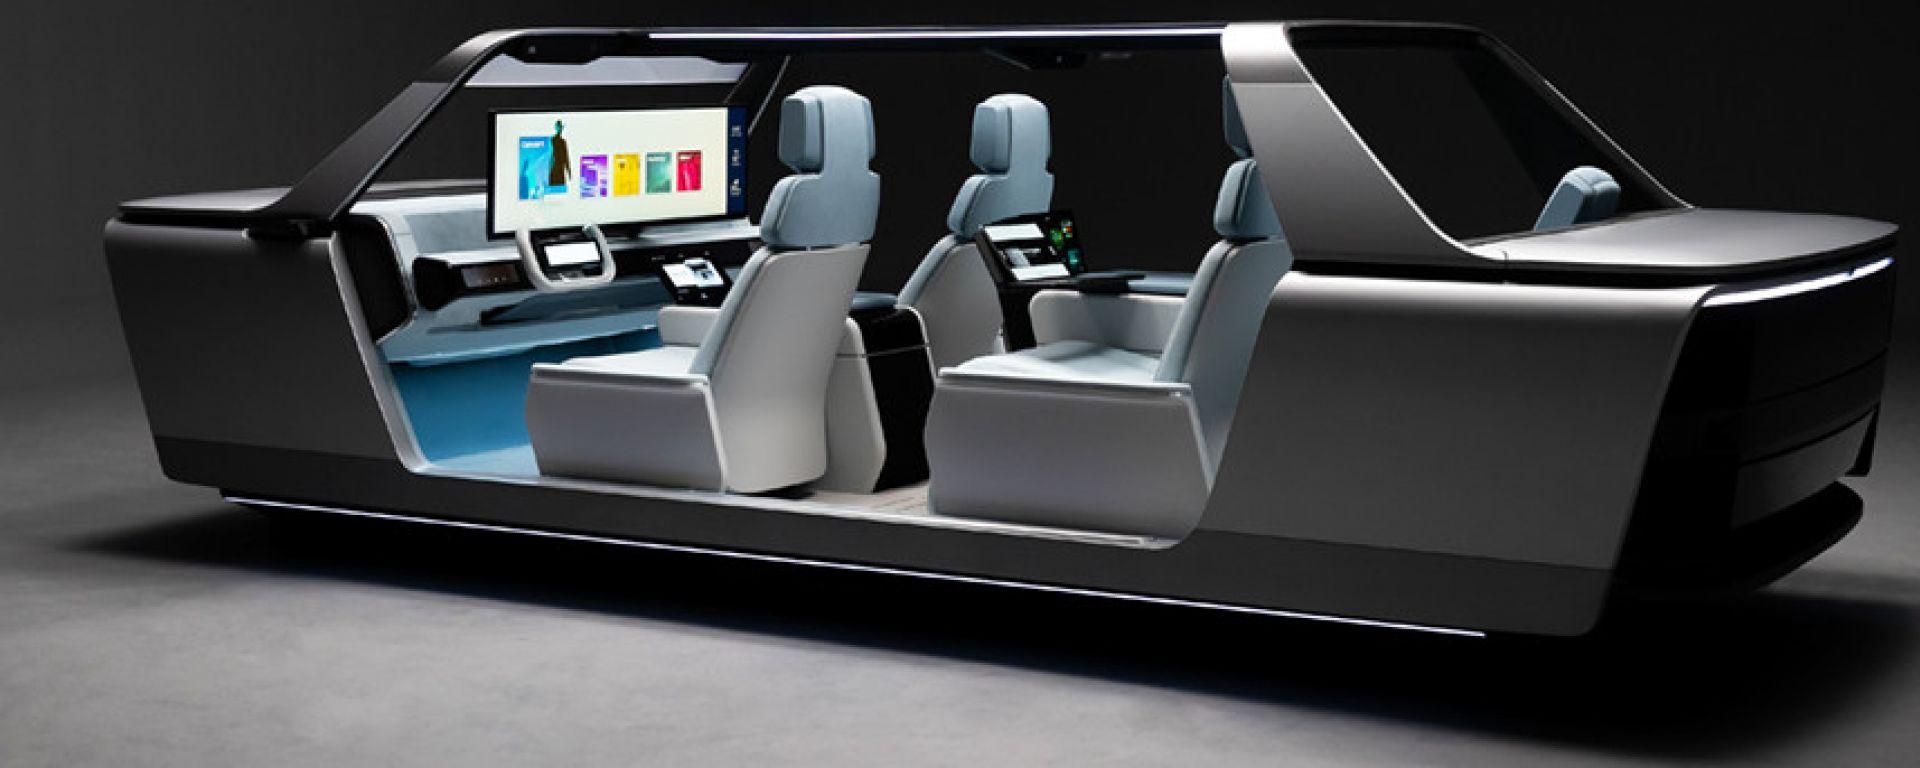 Samsung: l'abitacolo del futuro è il Digital Cockpit presentato al CES 2021